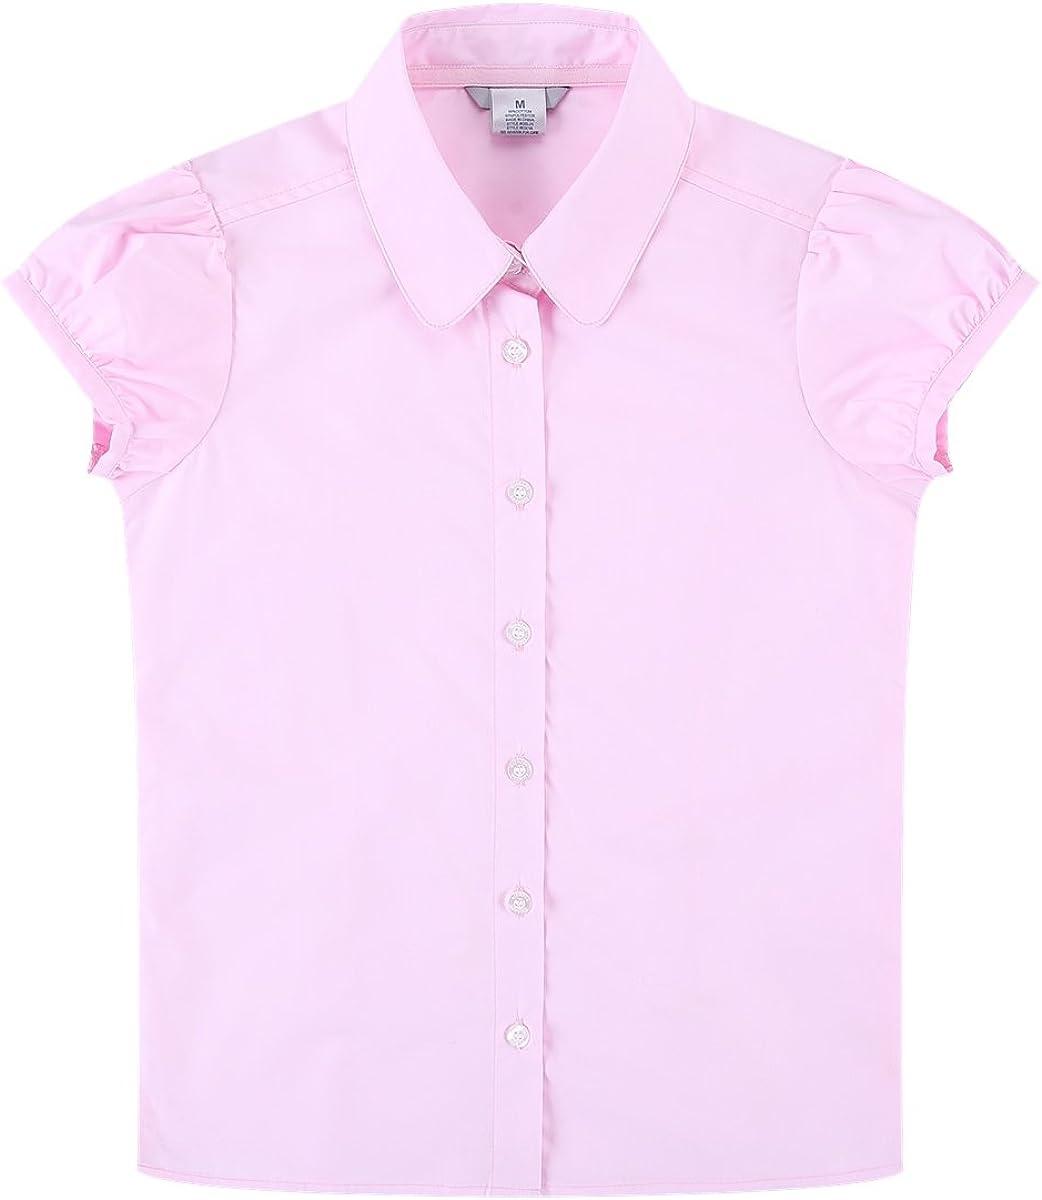 Bienzoe Ragazze Manica Corta Oxford Camicia